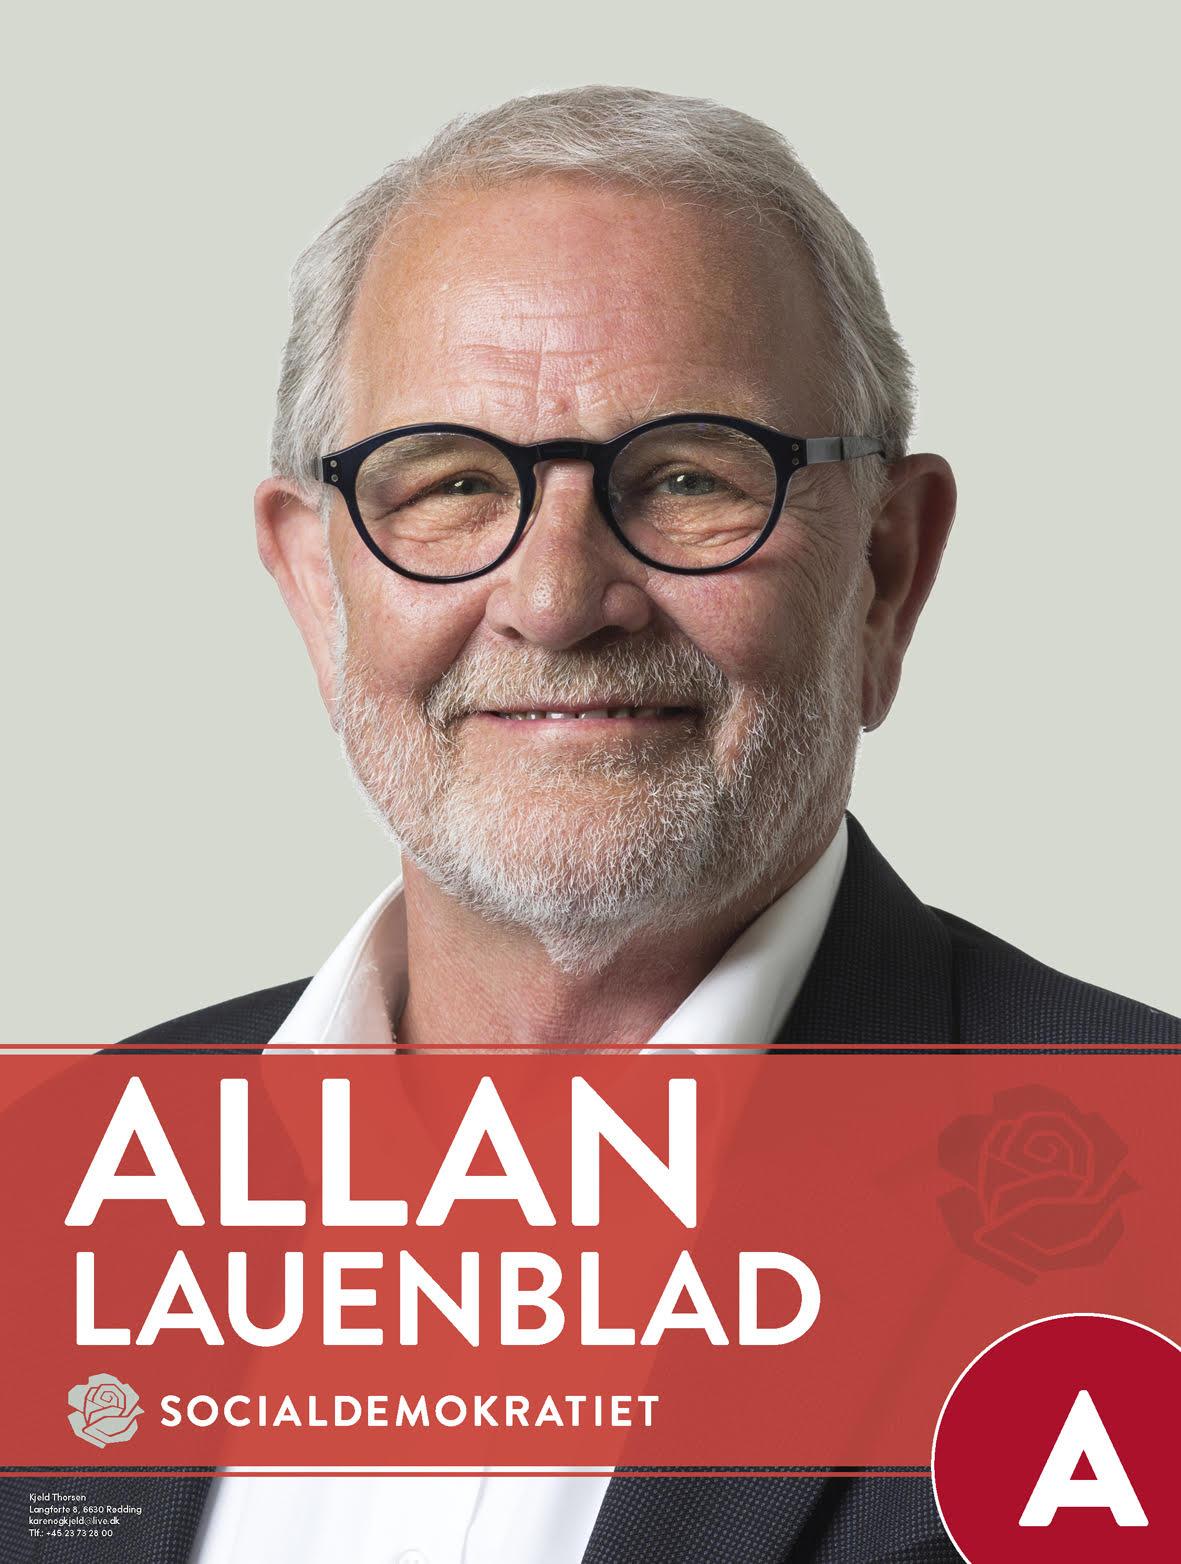 Allan Lauenblad - valgannonce - privat